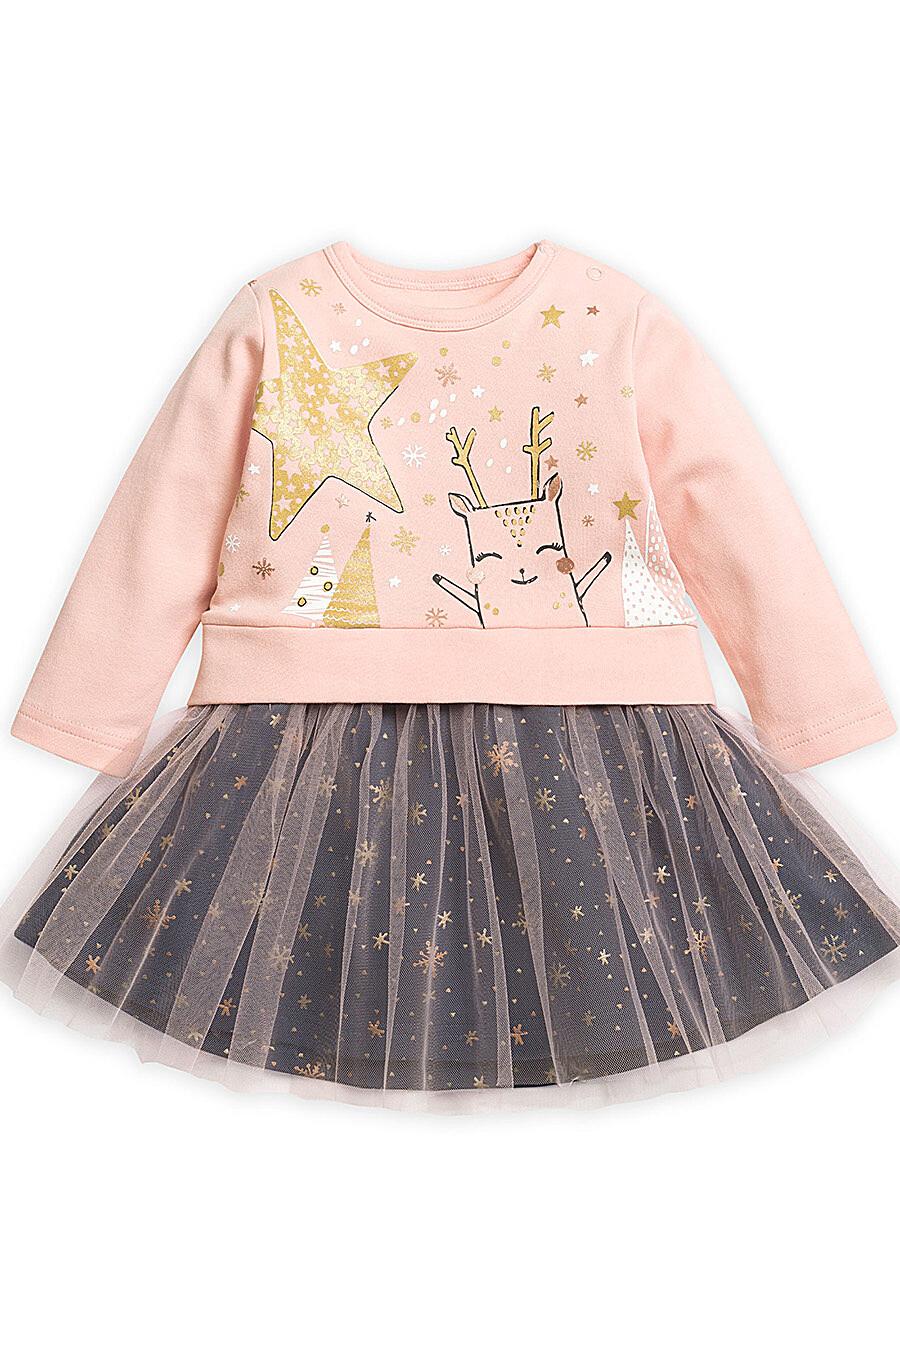 Платье для девочек PELICAN 161236 купить оптом от производителя. Совместная покупка детской одежды в OptMoyo